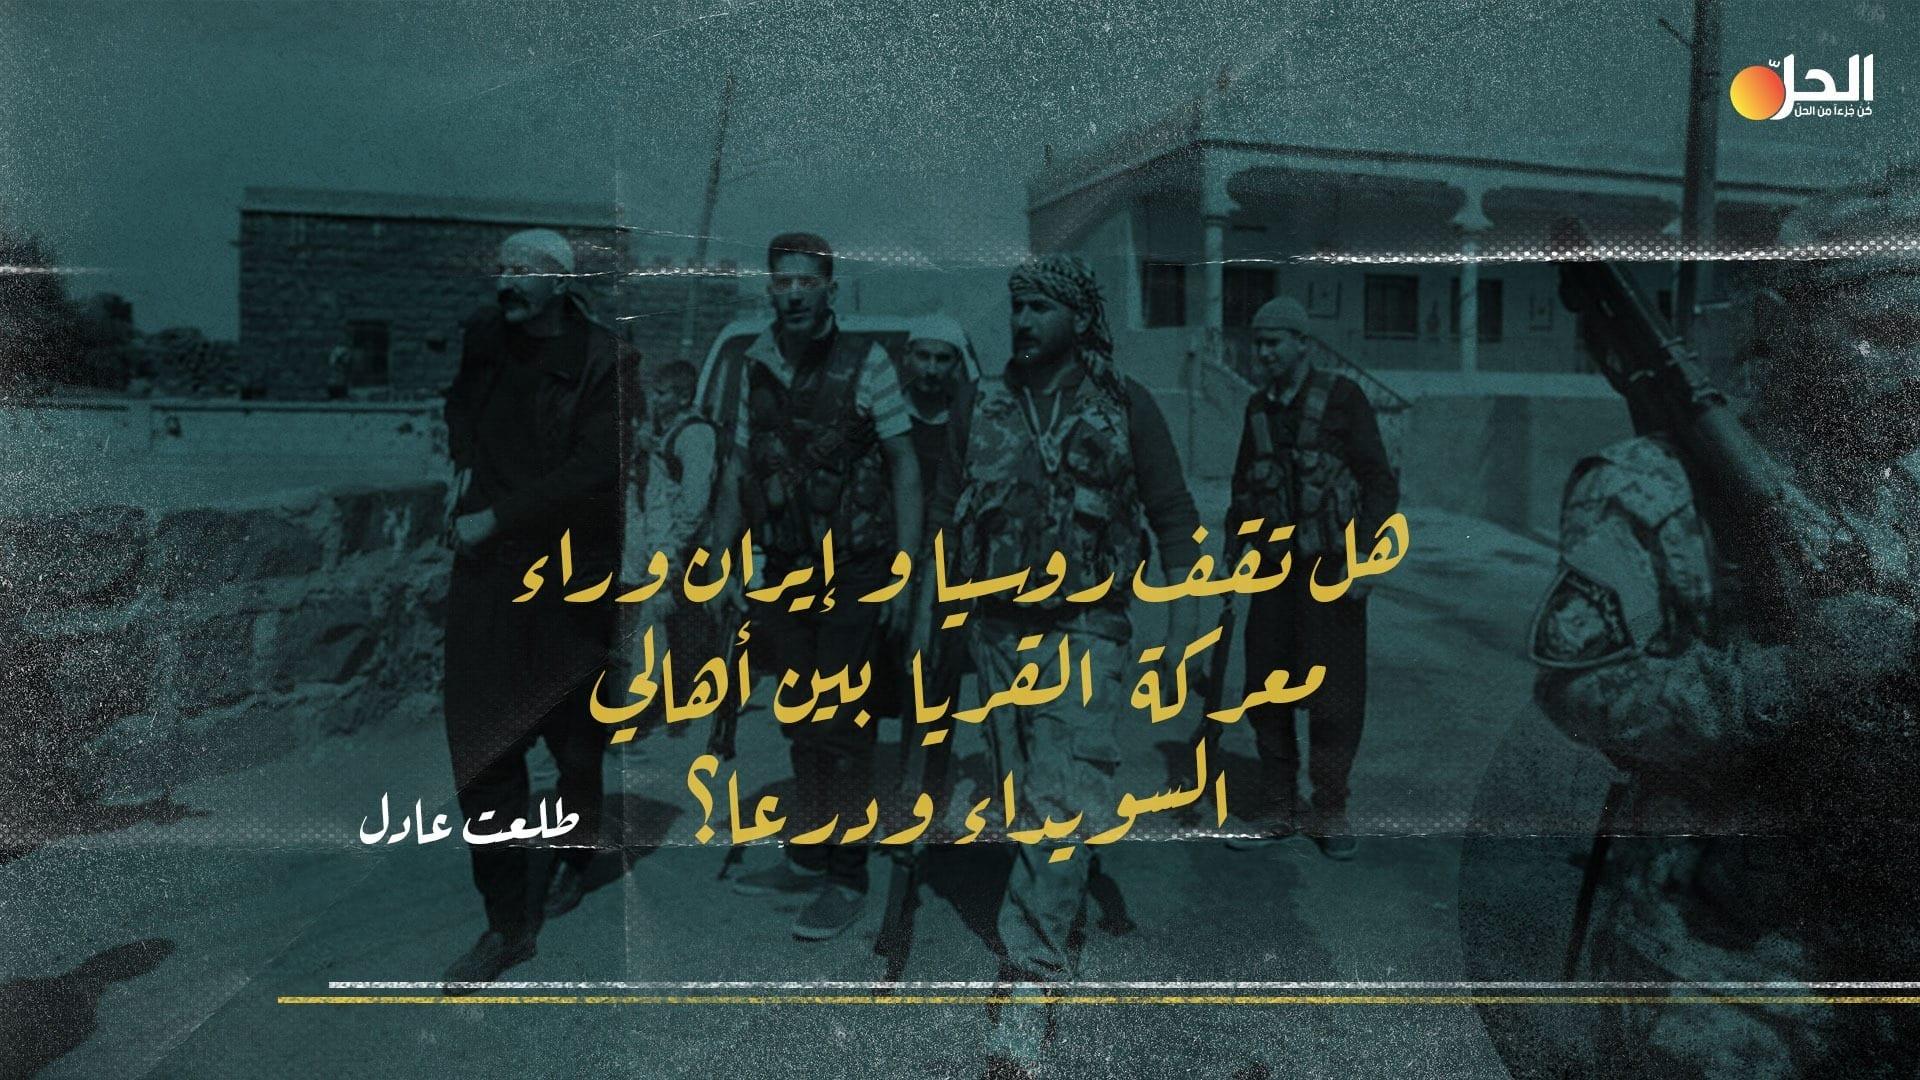 """معركة القريا: التنافس الروسي الإيراني يُصعّد التوتر في الجنوب السوري، و""""رجال الكرامة"""" يتدخلون في الصراع"""